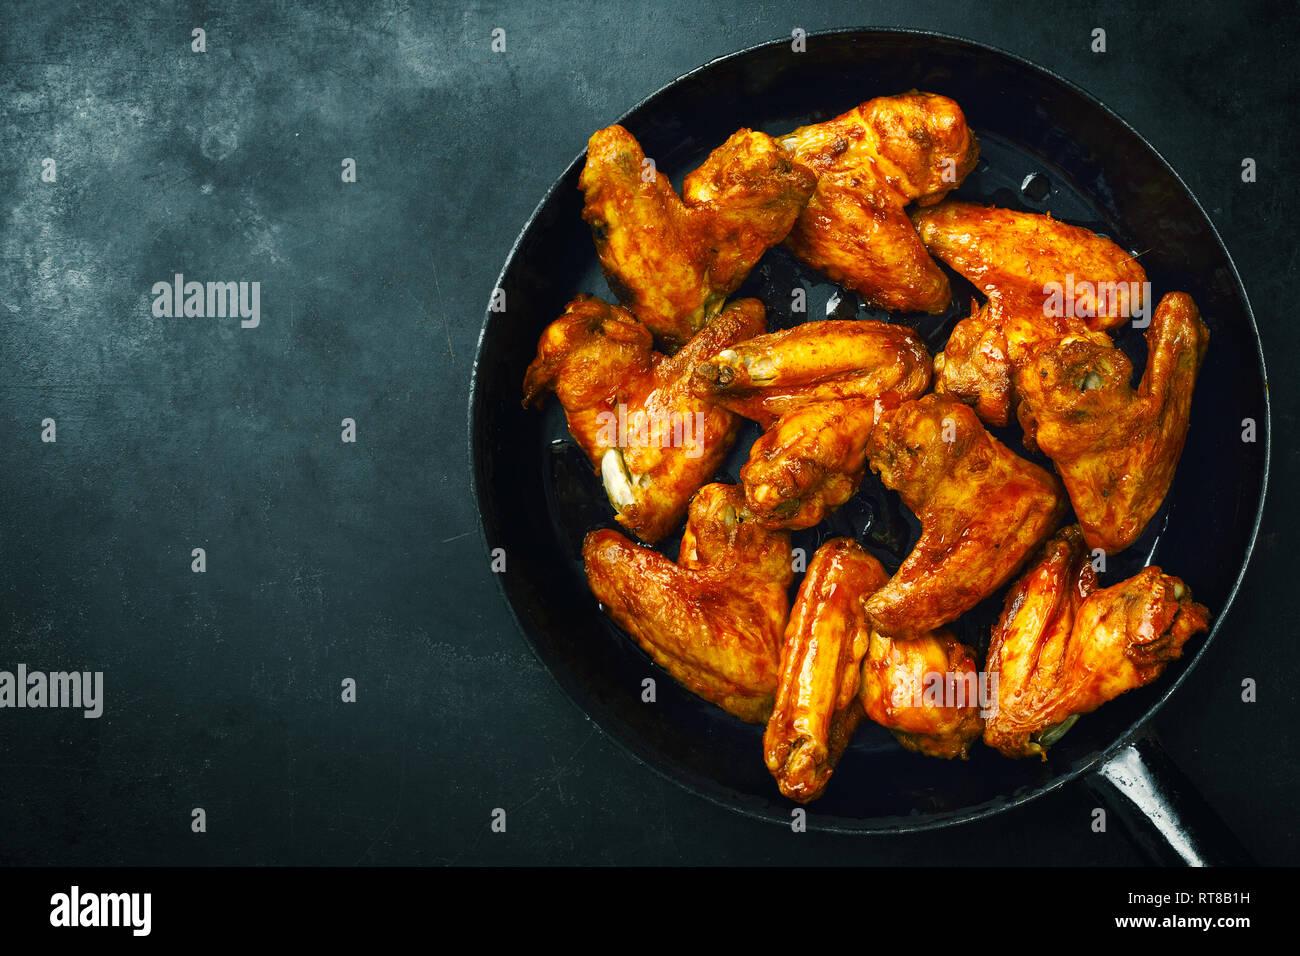 Sabrosas alitas de pollo al horno o a la parrilla servido en salsa de pan. Fondo oscuro. Horizontal. Foto de stock